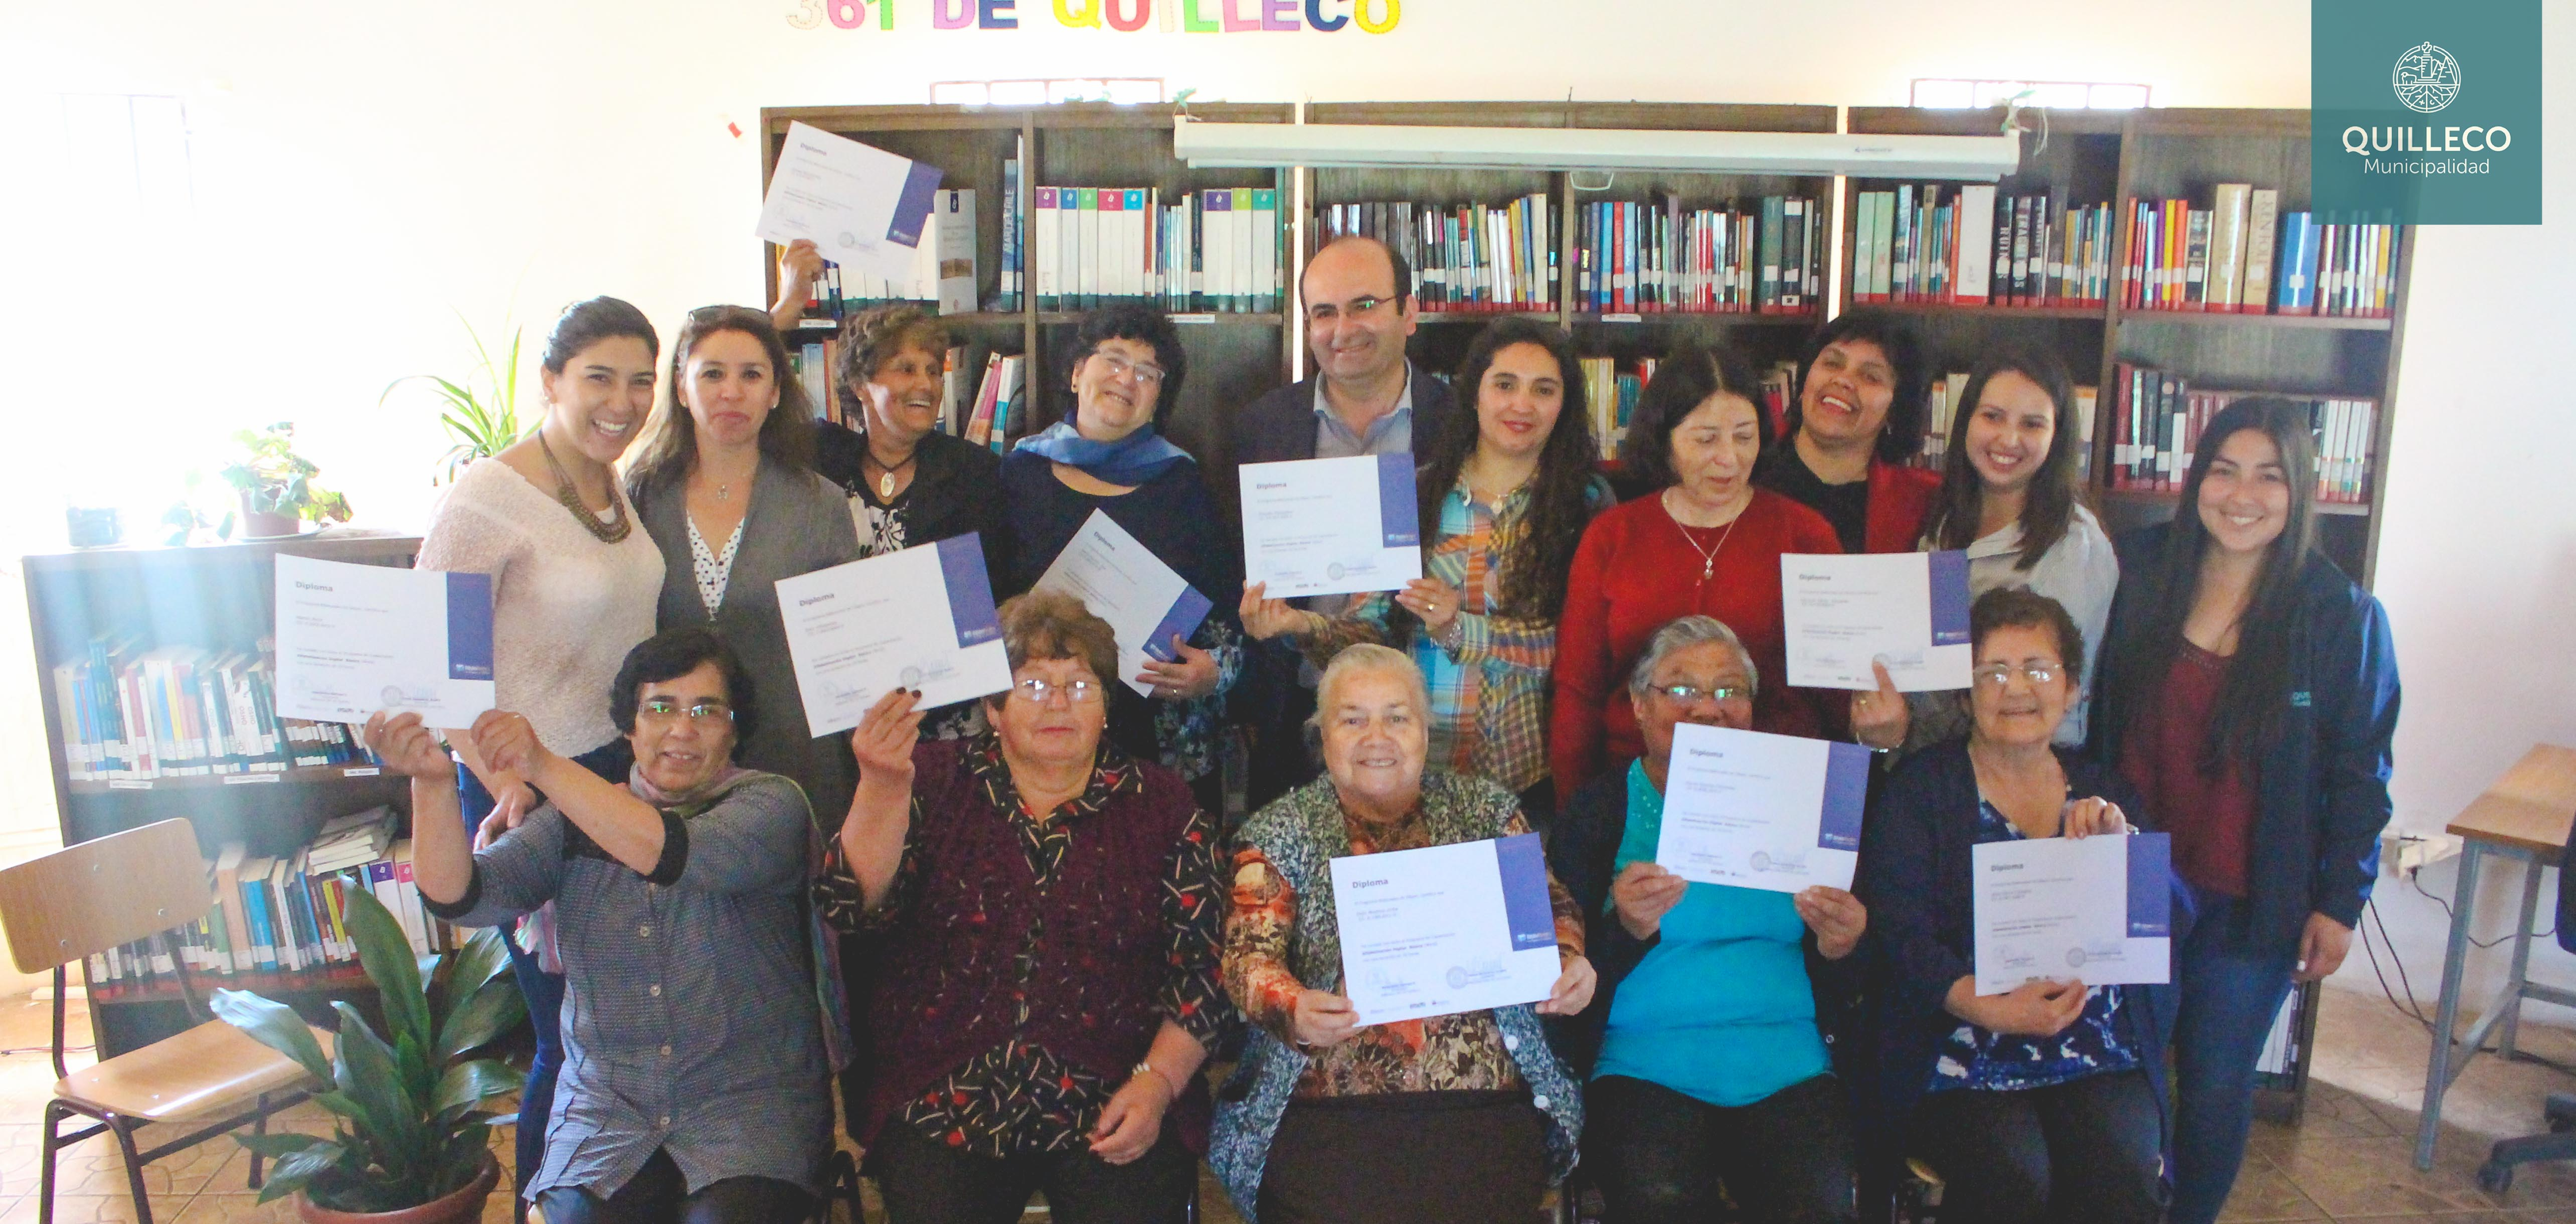 Grupo de vecinas aprueban curso de Computación Básica, impulsado por Biblioteca Municipal y Servicio País